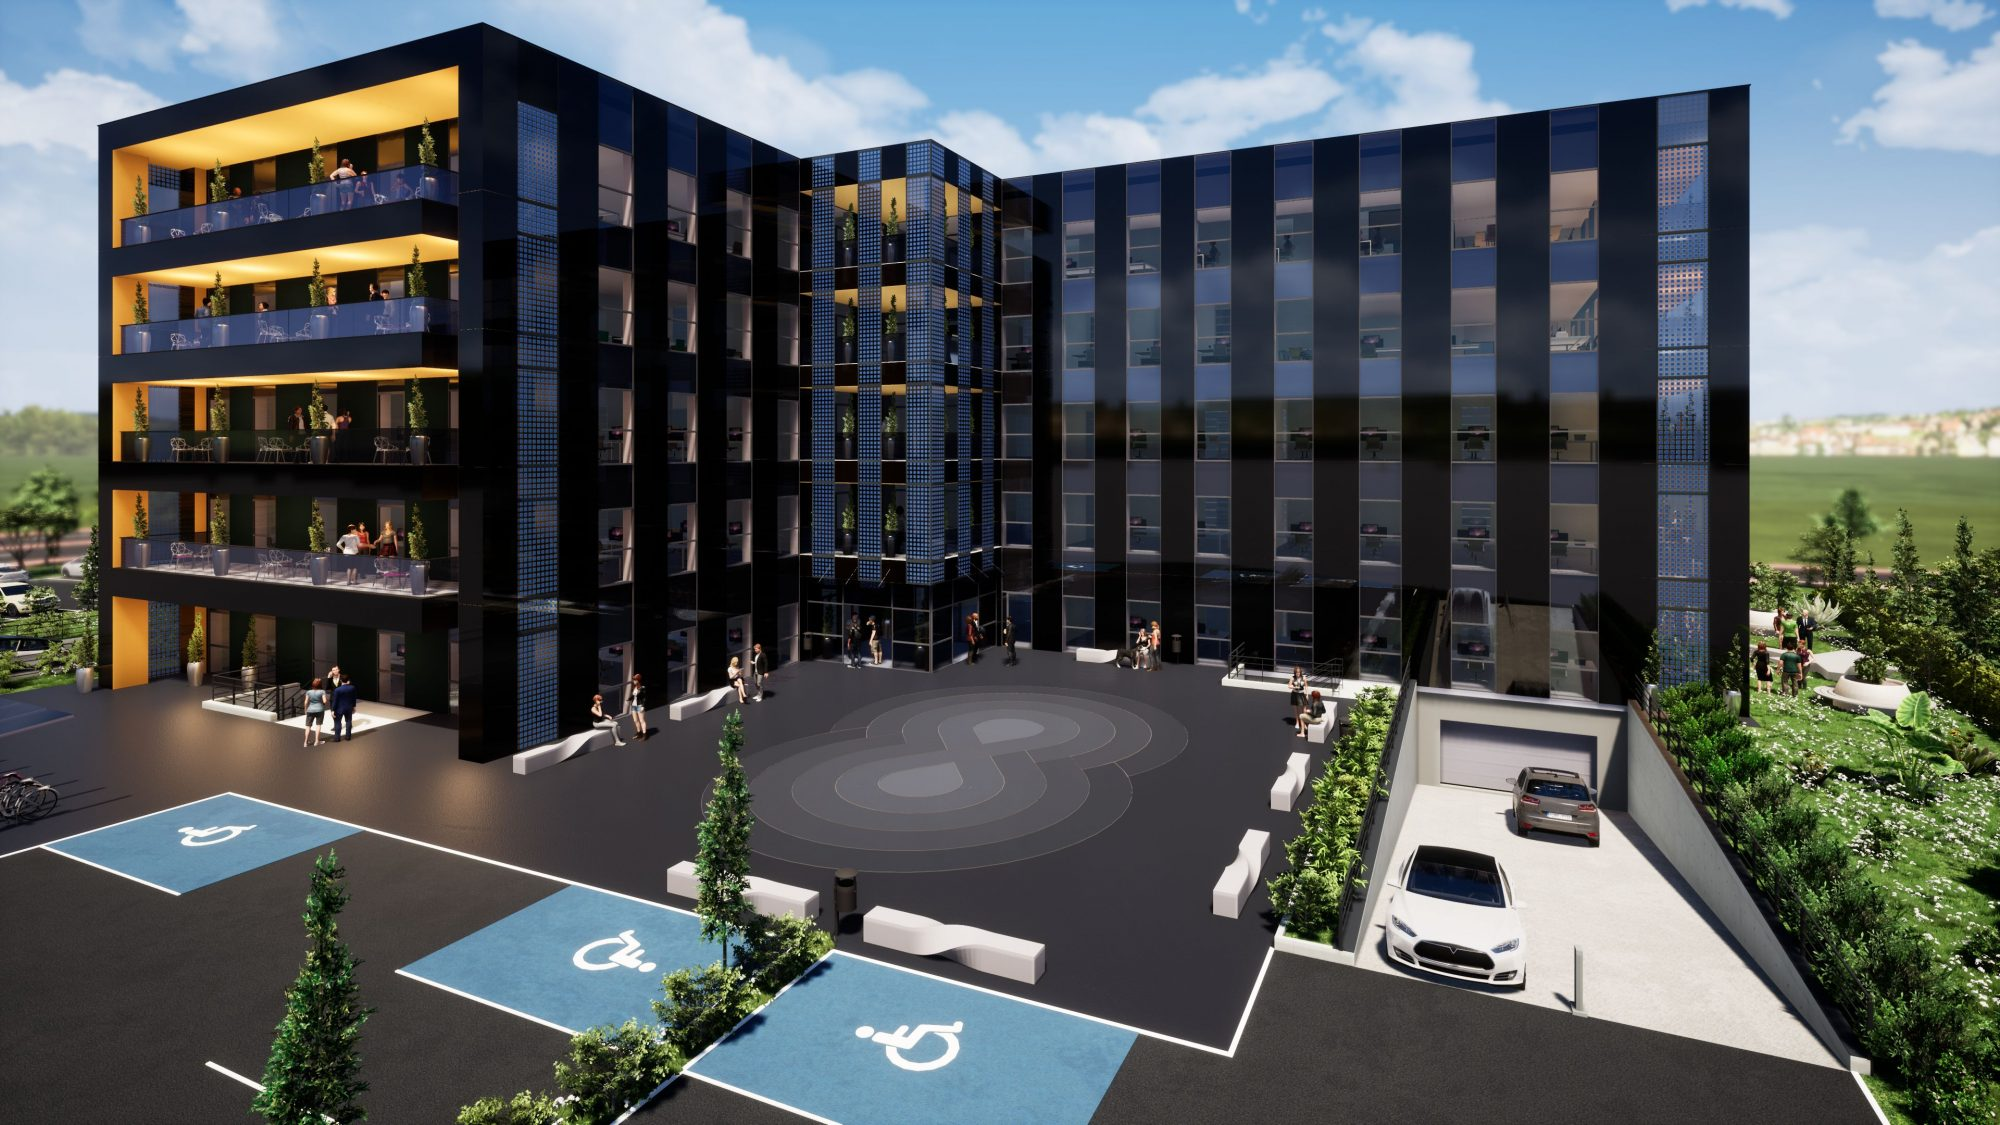 Bureaux neufs à louer – Espace Européen de l'Entreprise - Devenez locataire en toute sérénité - Bintz Immobilier - 2